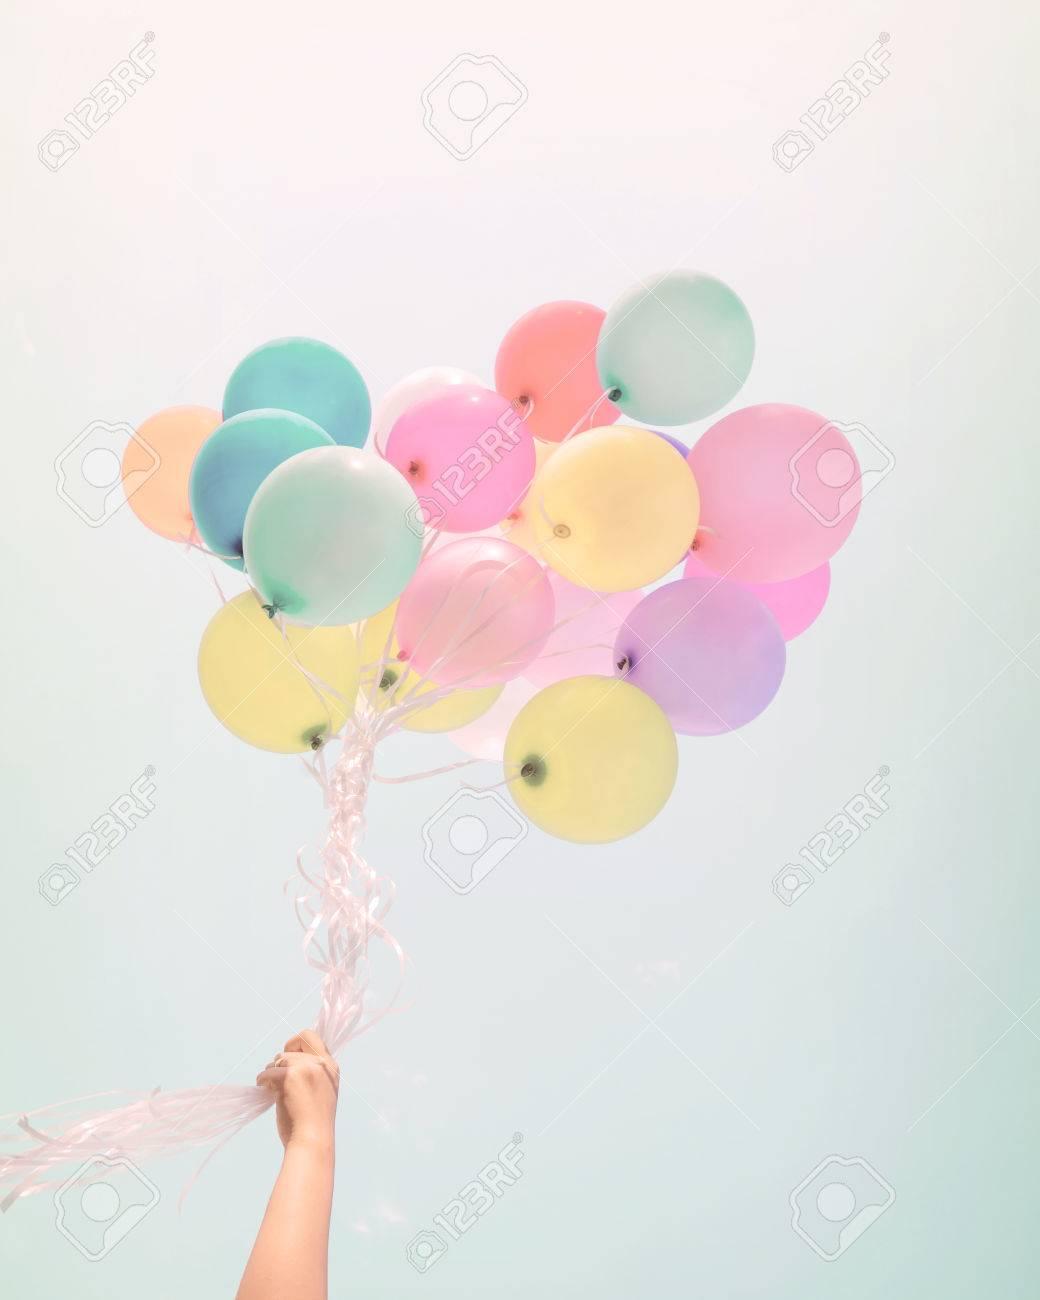 Femme Tenant Des Ballons Colores Joyeux Anniversaire En Vacances D